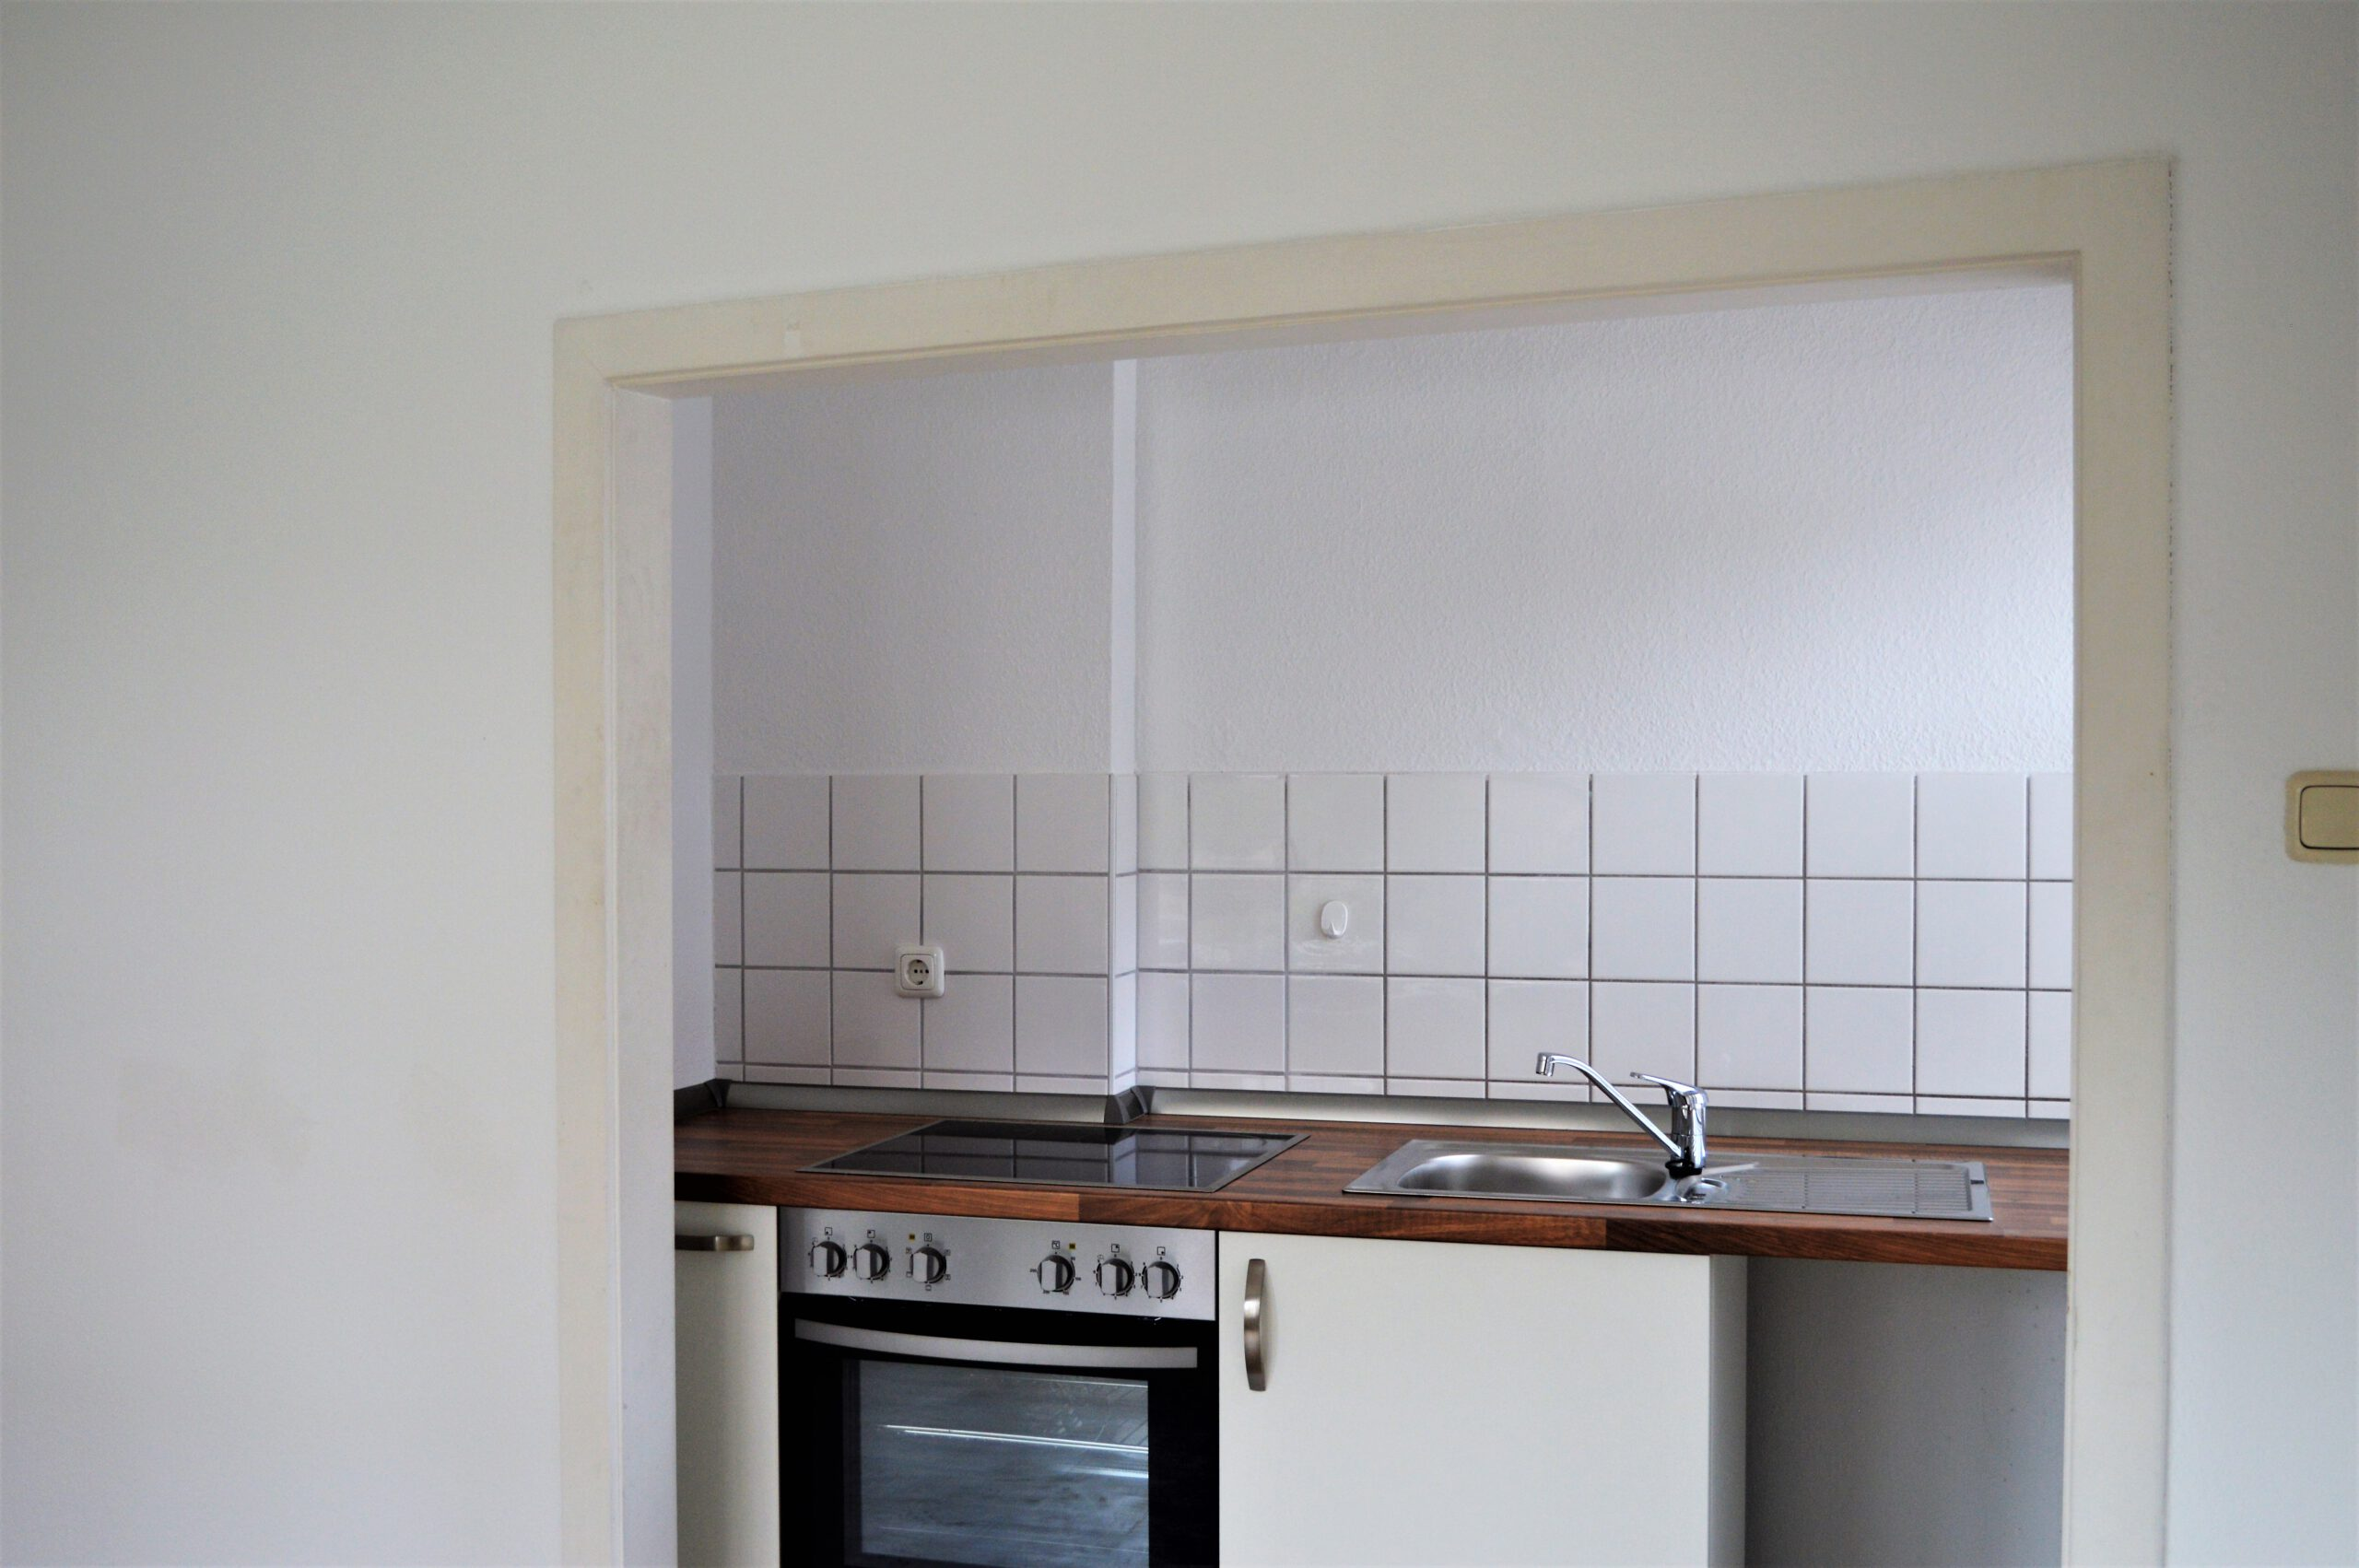 EG_1ZW_Küchenzeile